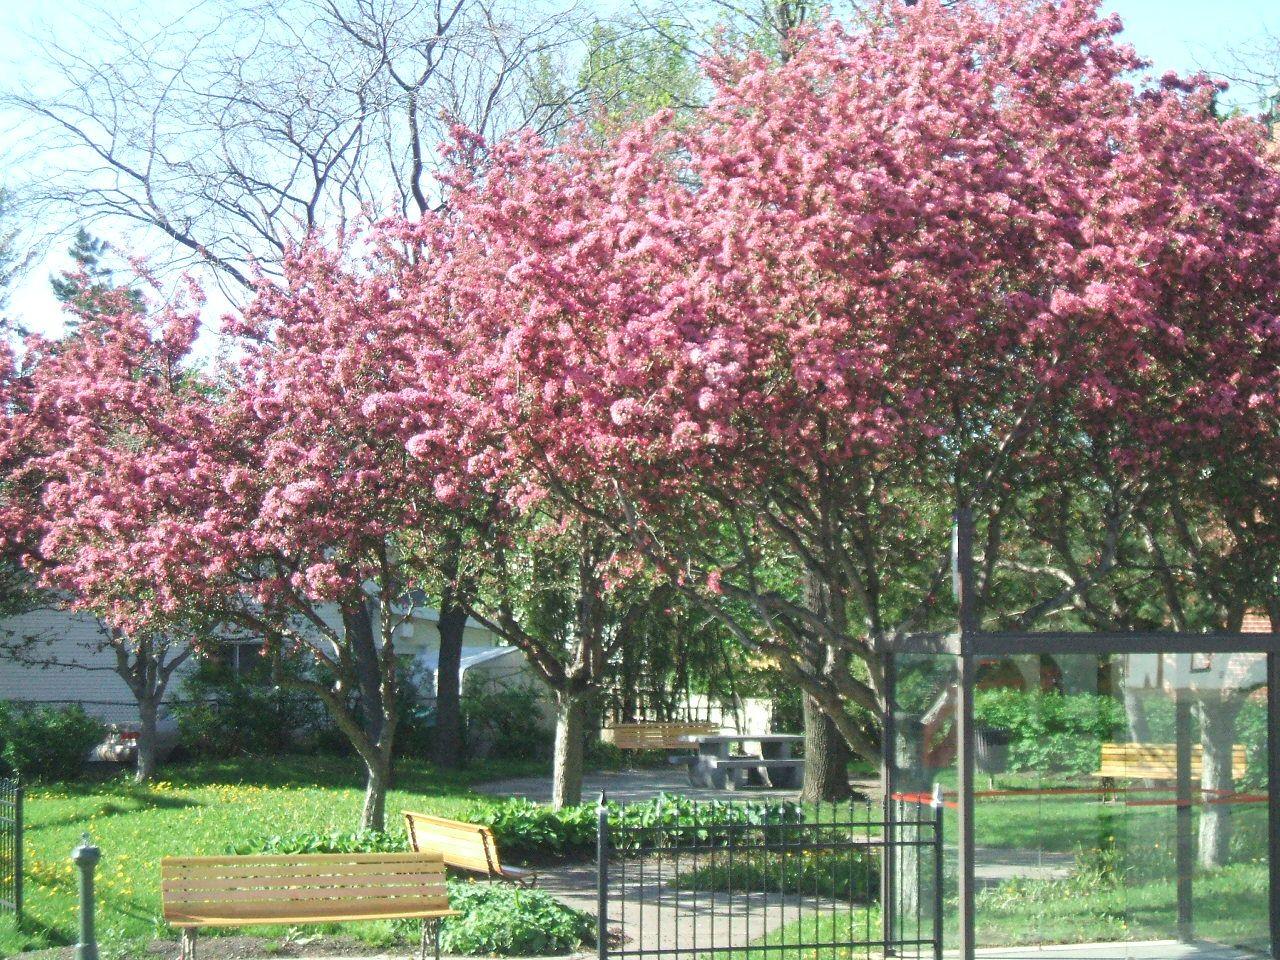 les pommiers en fleurs au printemps